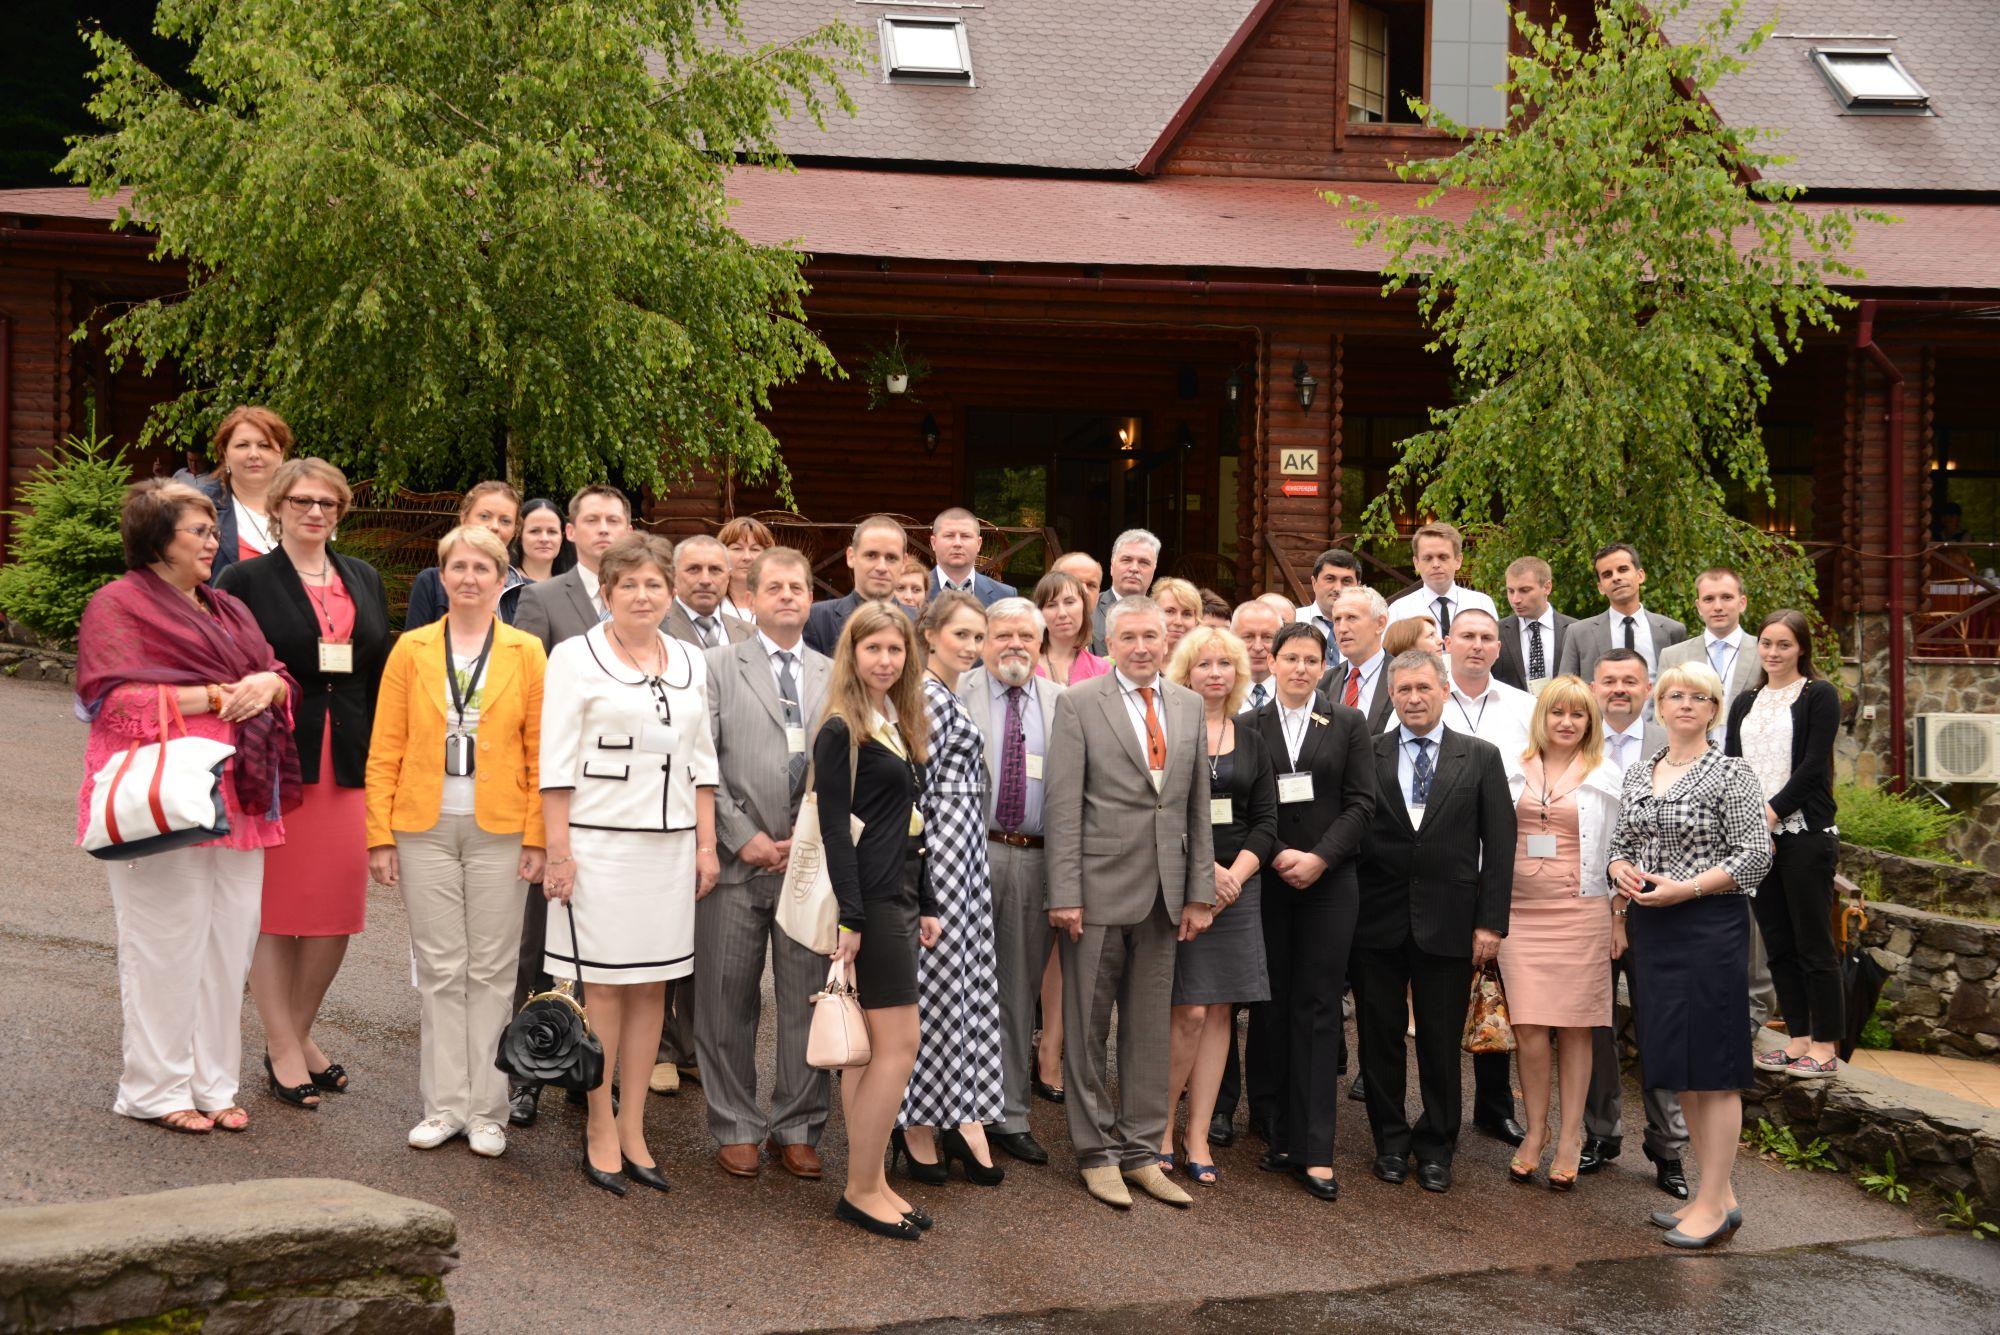 """Участники 10 (внеочередной) международной научно-практической конференции """"Криминалистика и судебная экспертиза: наука, обучение, практика"""" (26 июня 2014 года, Ужгород, Украина)"""